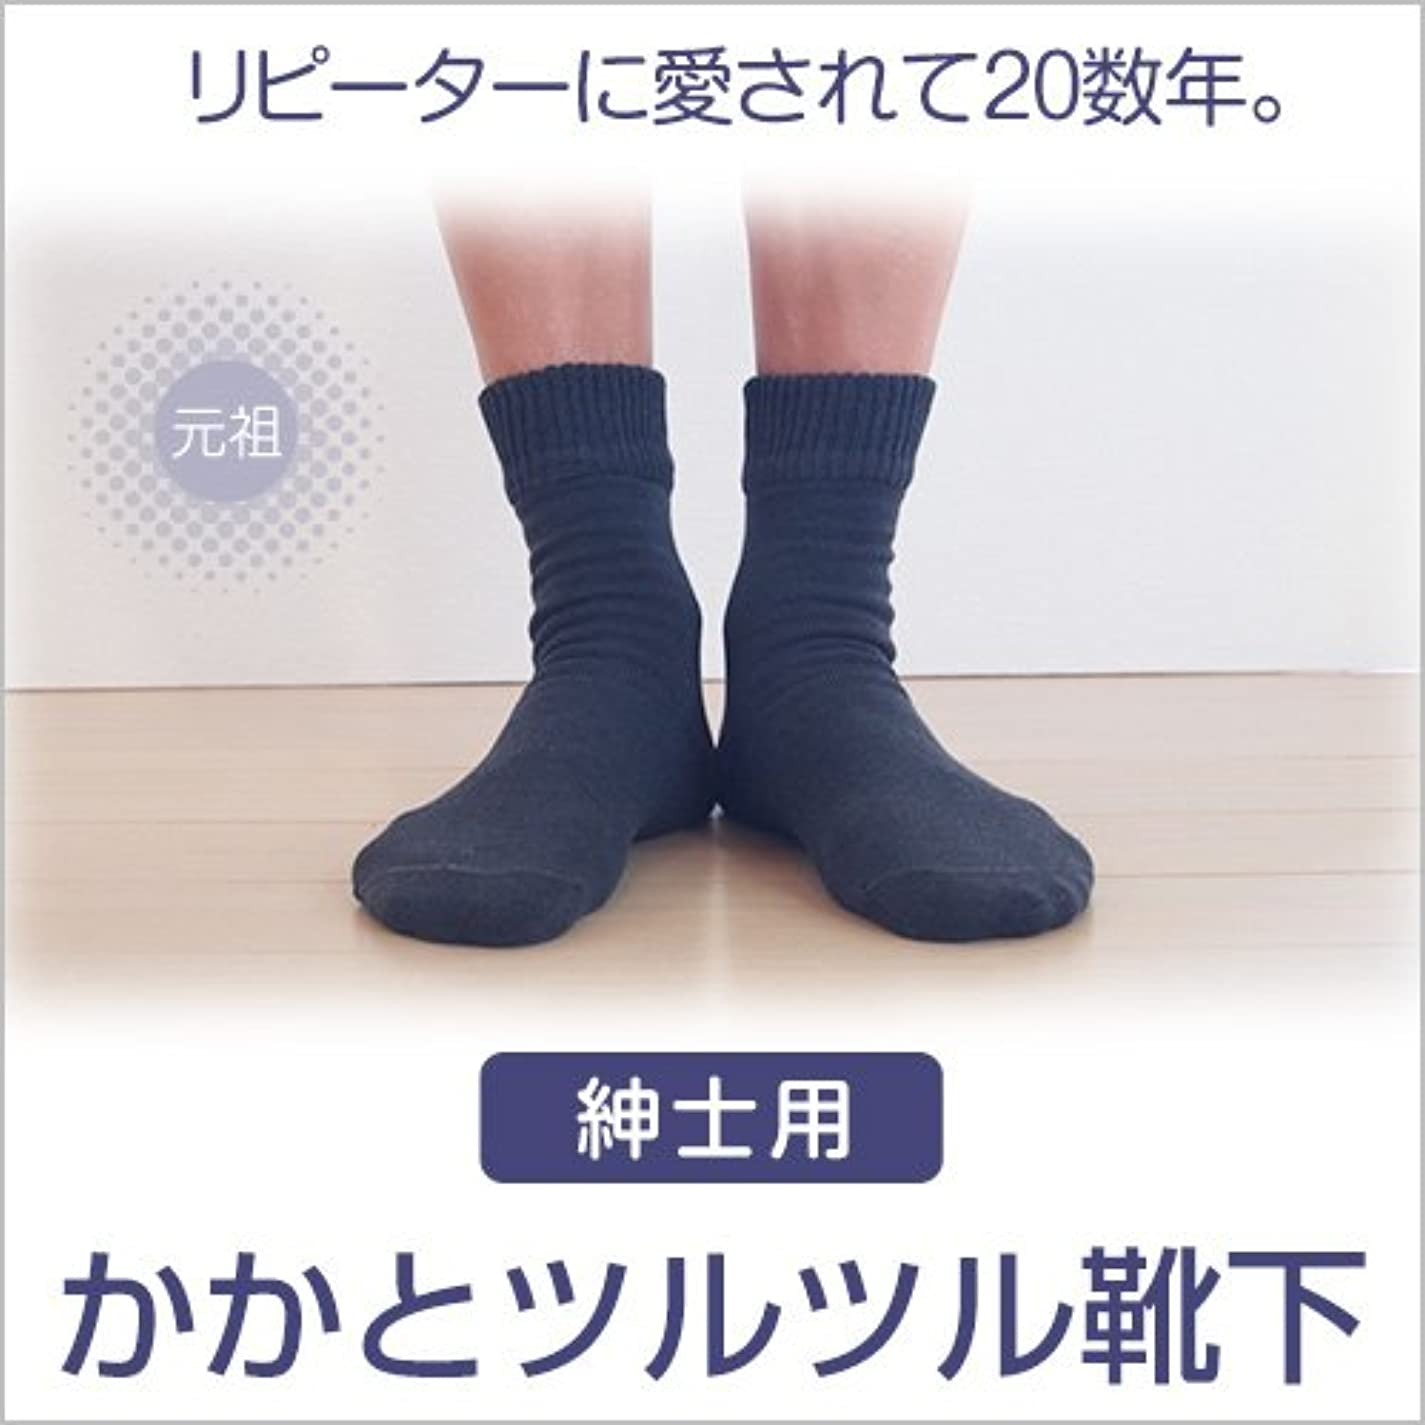 スキャン些細なガード男性用 かかと ツルツル 靴下 ネイビー 24-26cm 角質 ケア ひび割れ 対策 太陽ニット 700